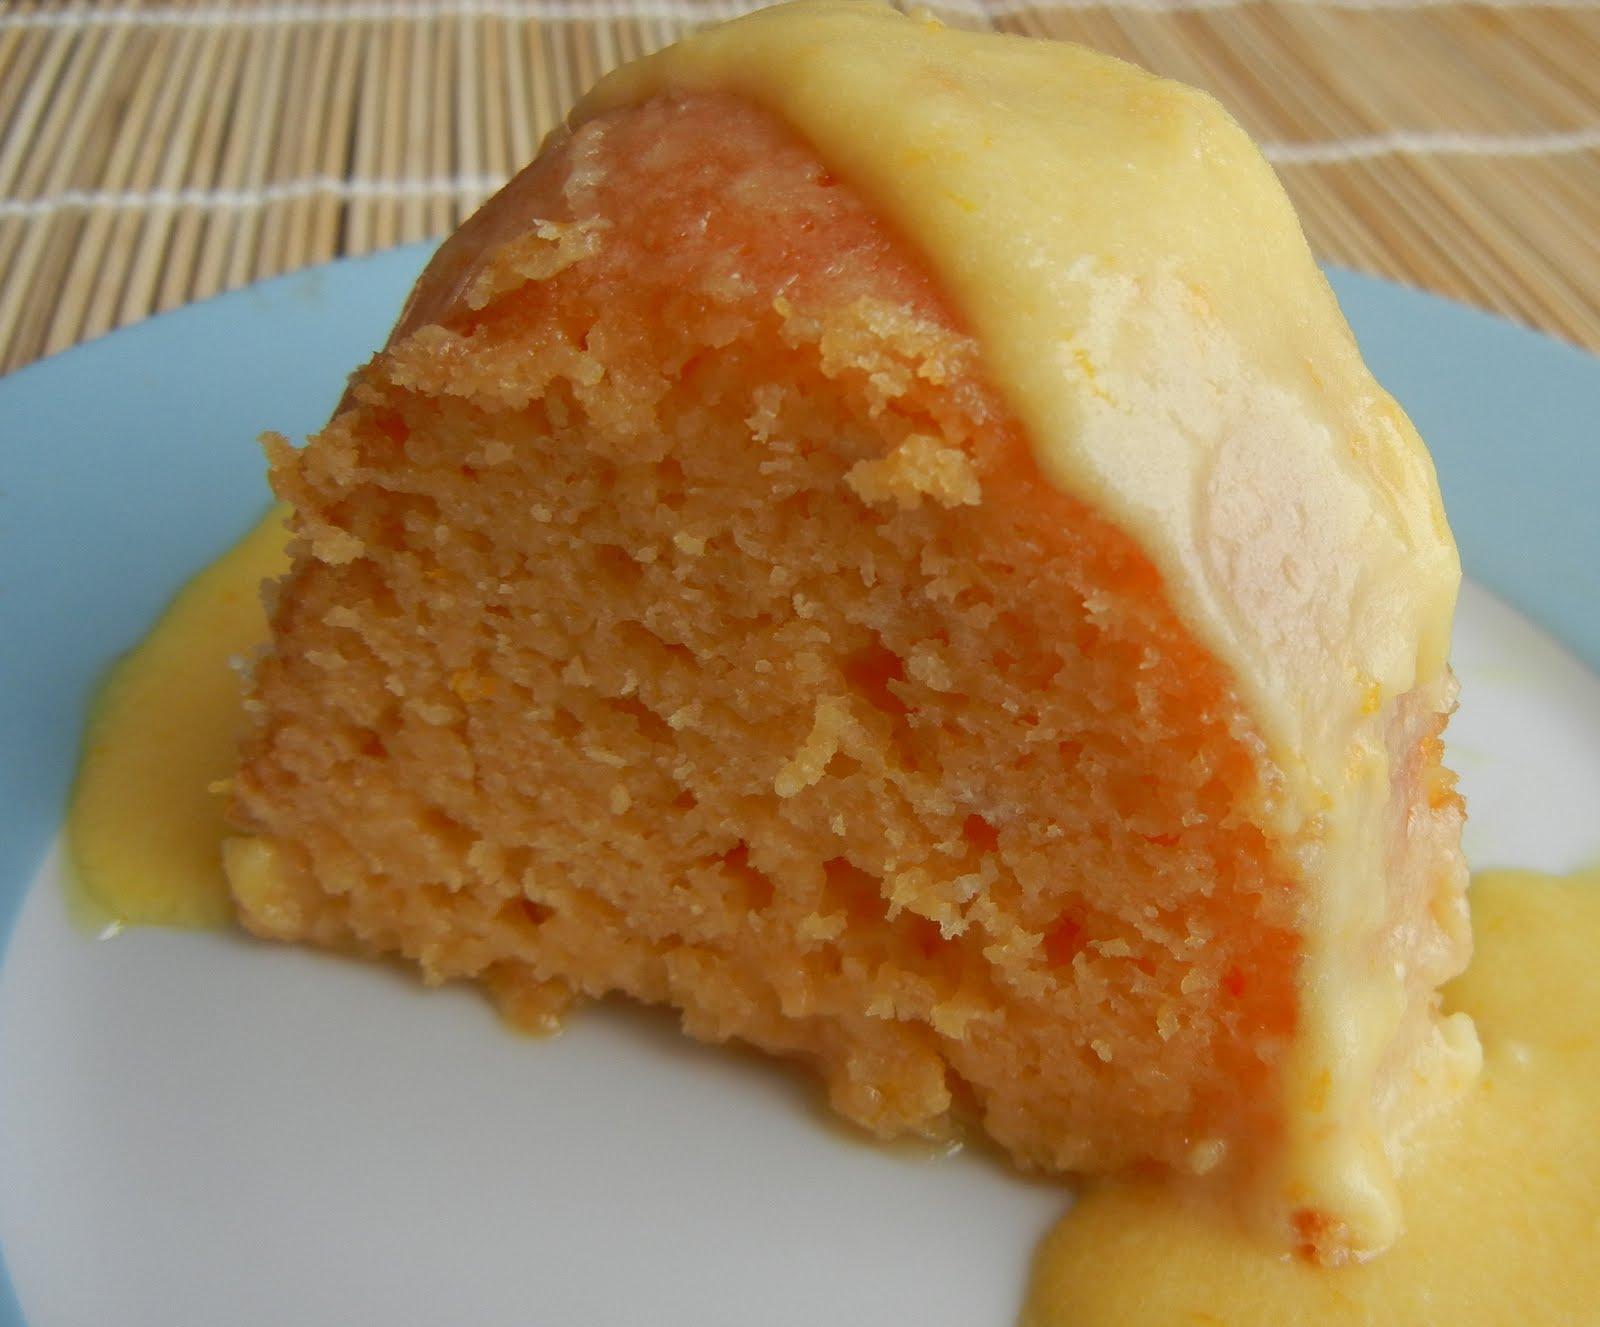 Deals to Meals: Time for dessert: Glazed Orange Bundt Cake